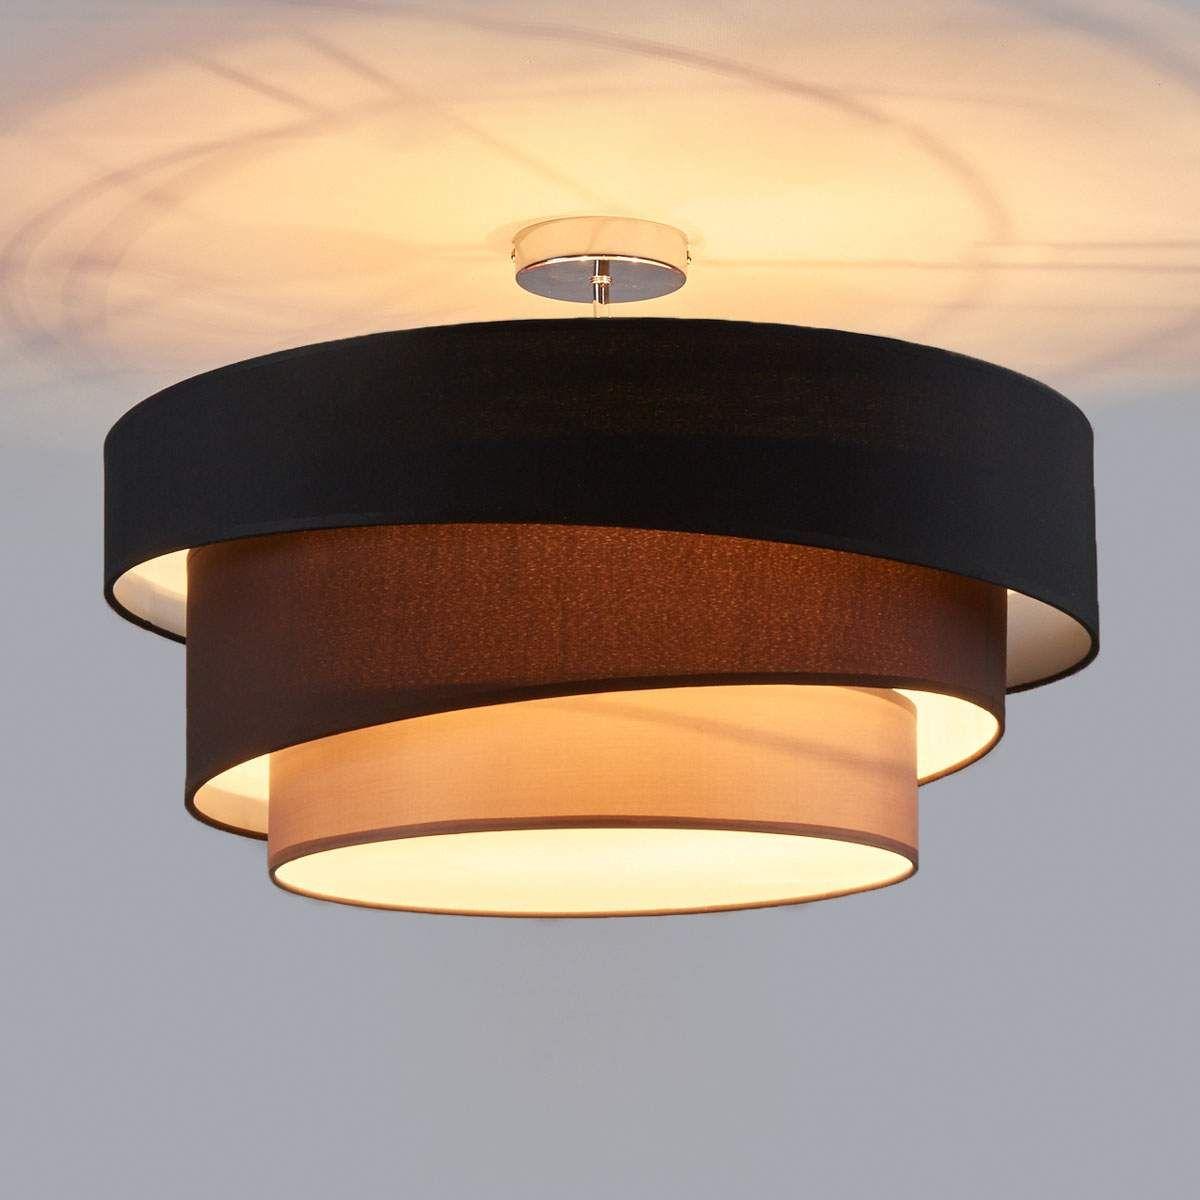 Deckenlampe Melia, schwarz und braun in 9  Deckenlampe, Lampe